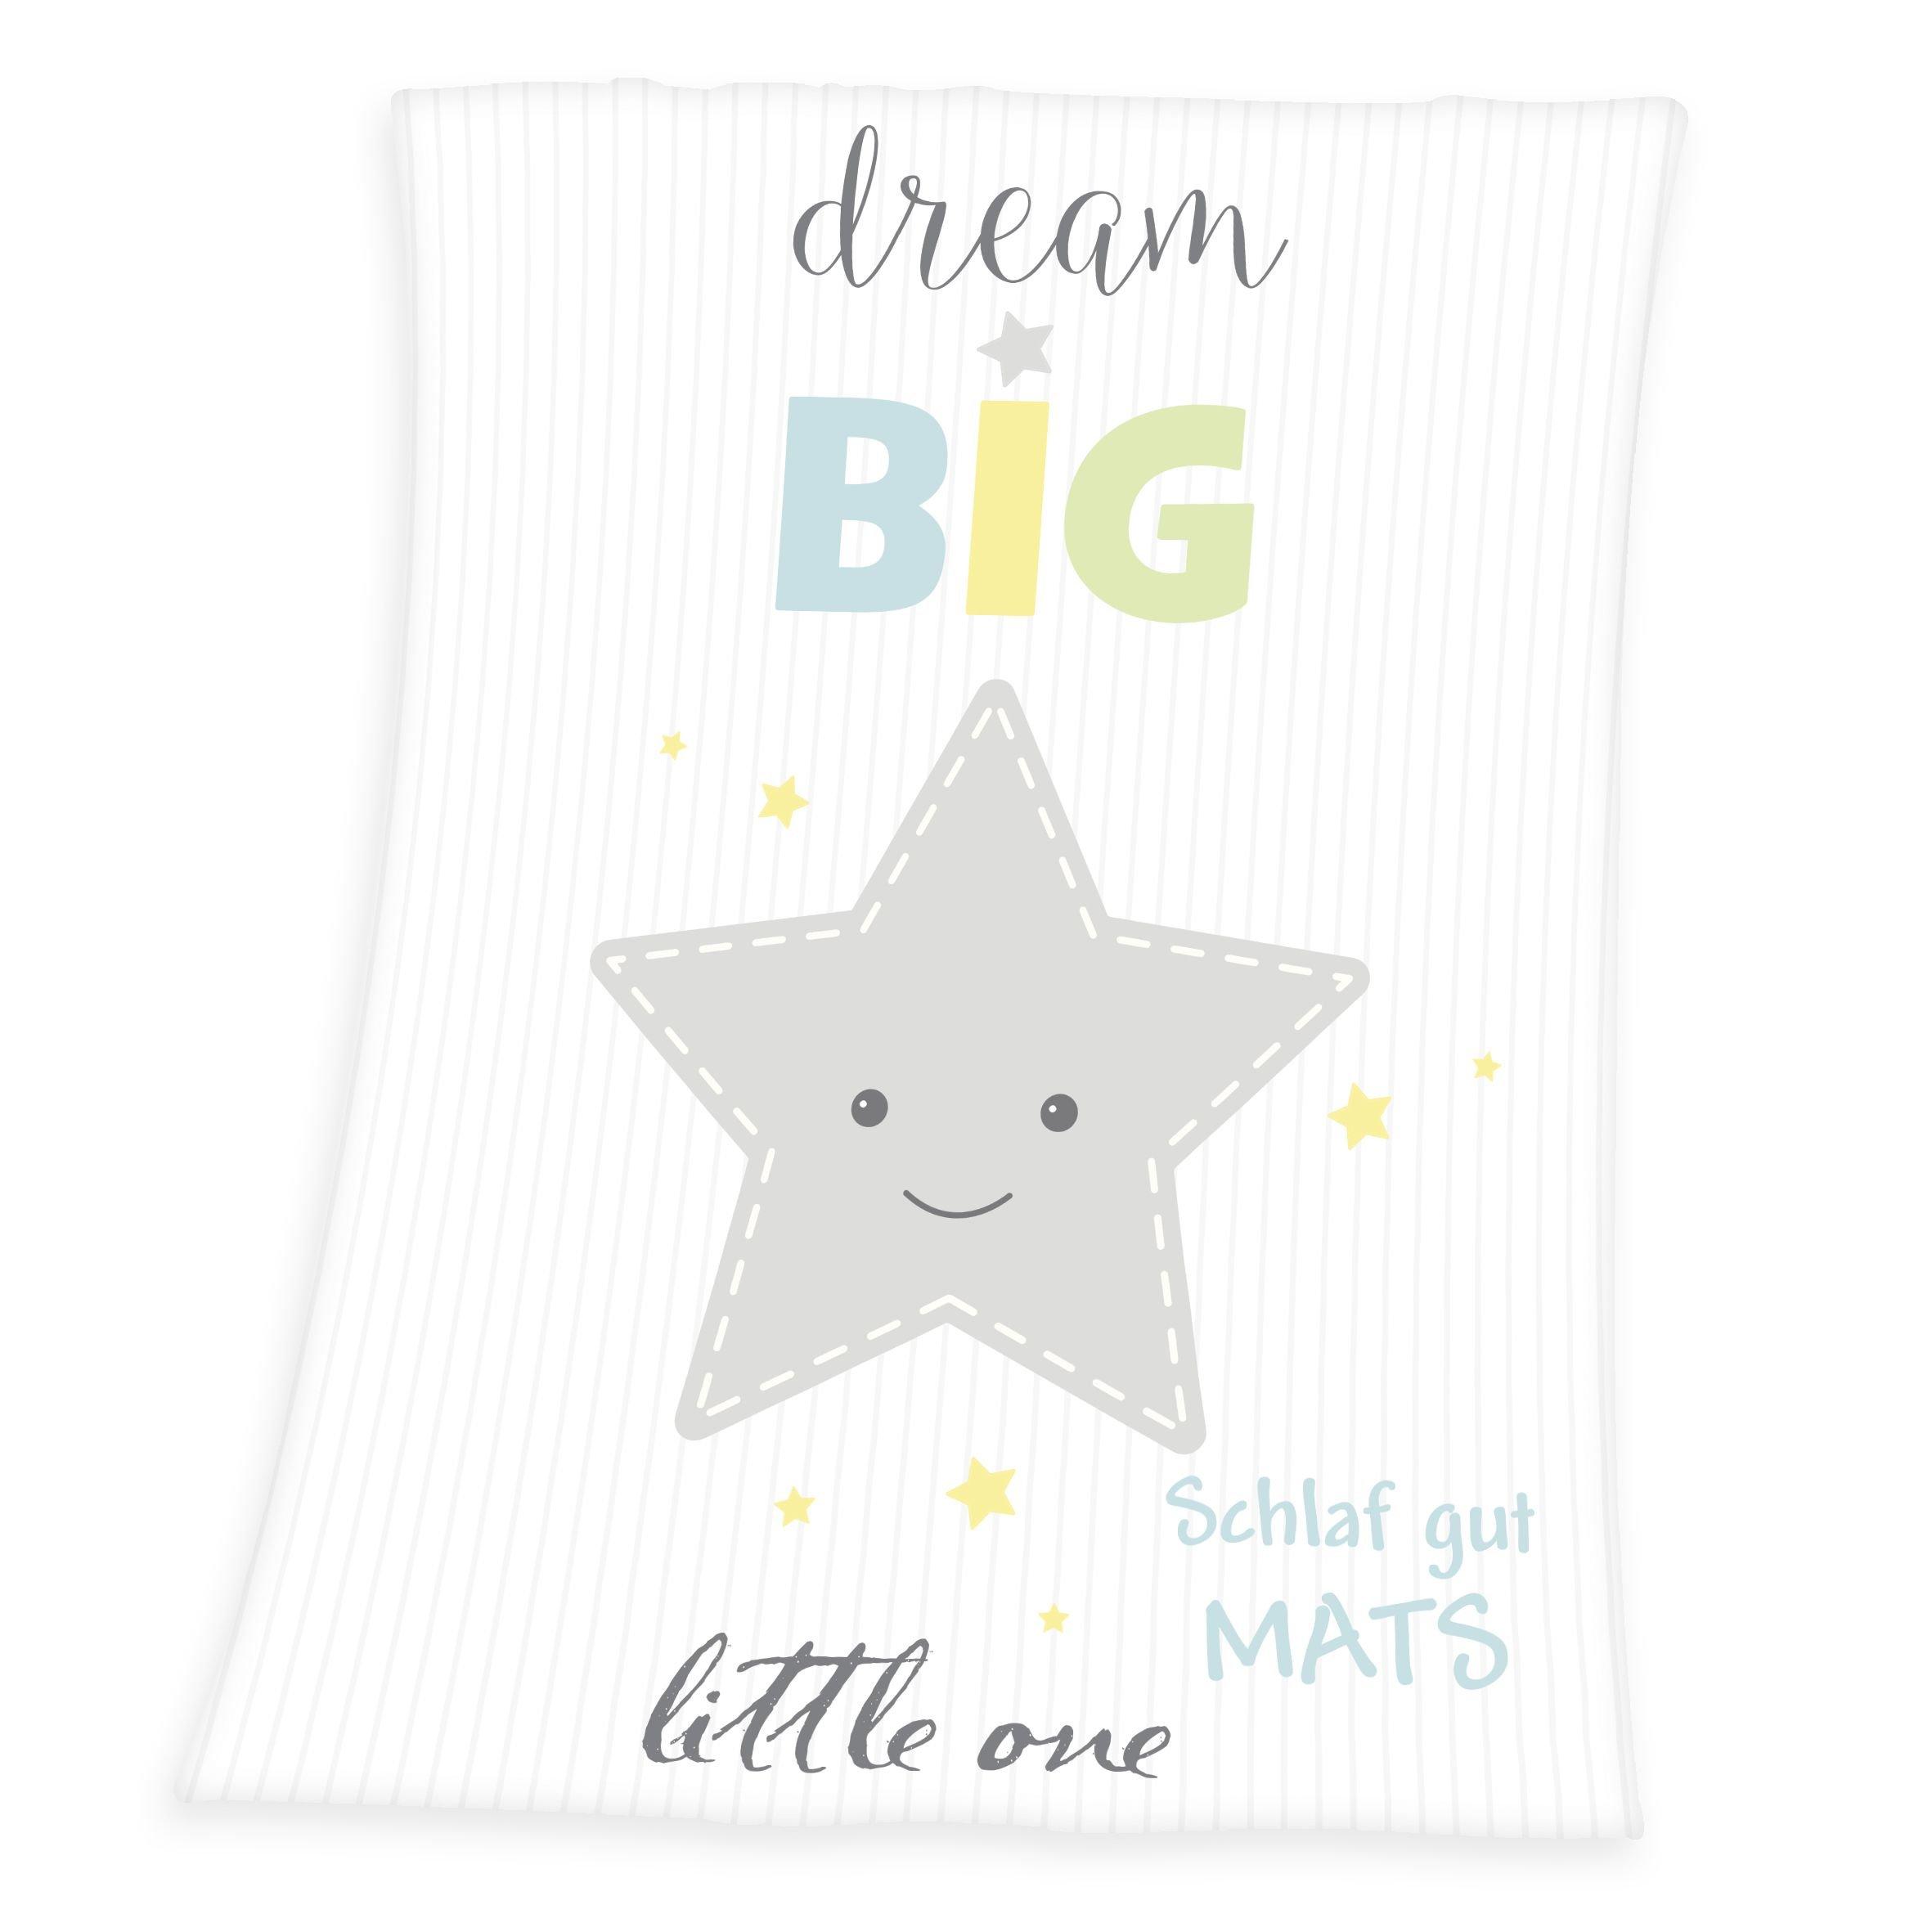 280e982390 Wolimbo Flausch Babydecke mit Ihrem Wunsch-Namen und Stern Motiv -  personalisierte/individuelle Geschenke